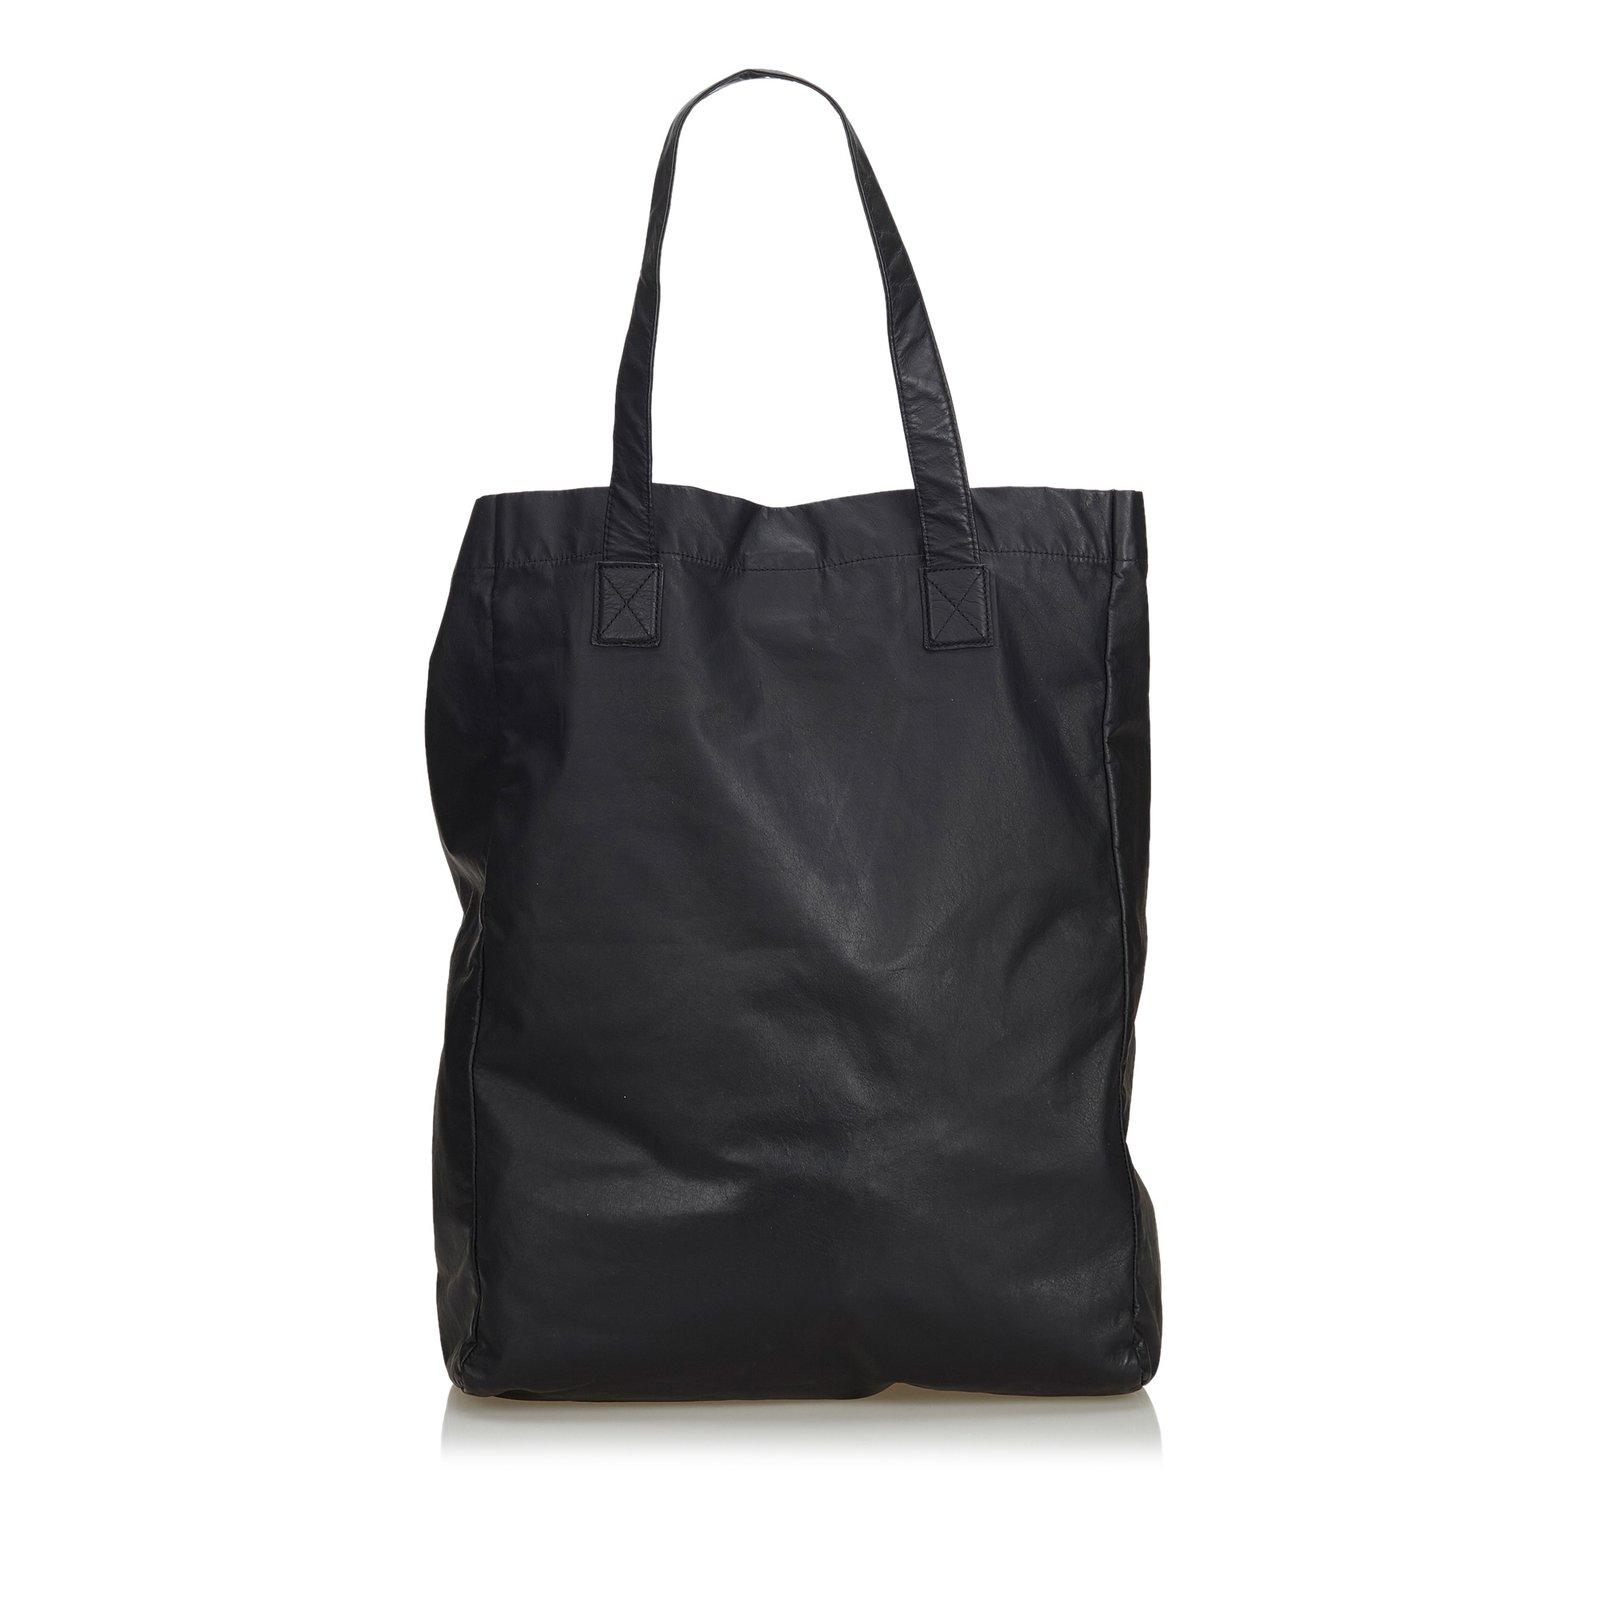 2c9f382db7 Leather Viaggio Tote Bag